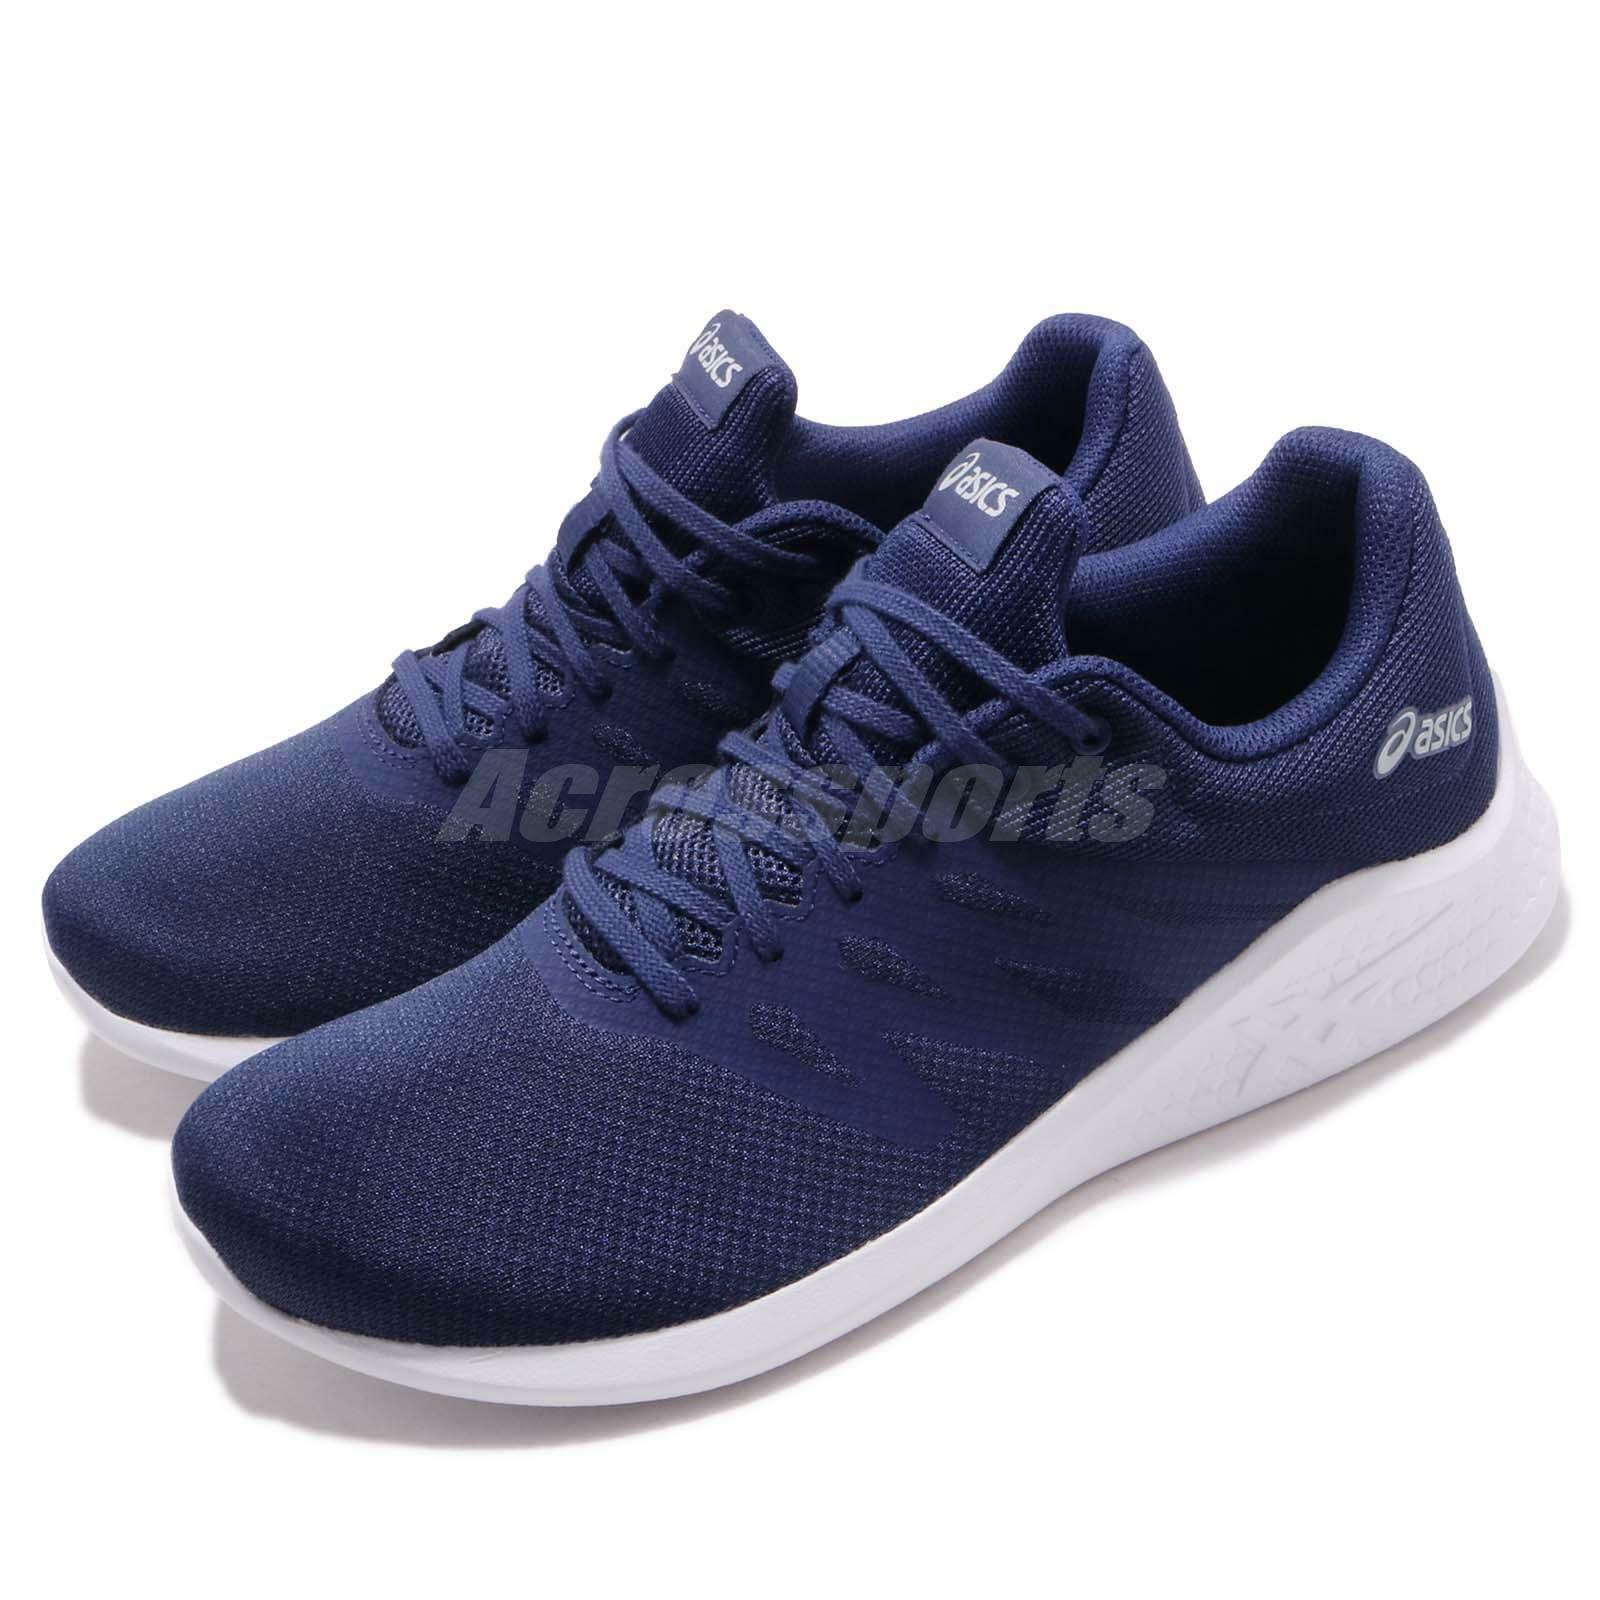 Asics Comutora Indigo Azul blancoo para Hombre  Zapatillas Para Correr Corrojoor Zapatillas 1021A046-400  comprar nuevo barato